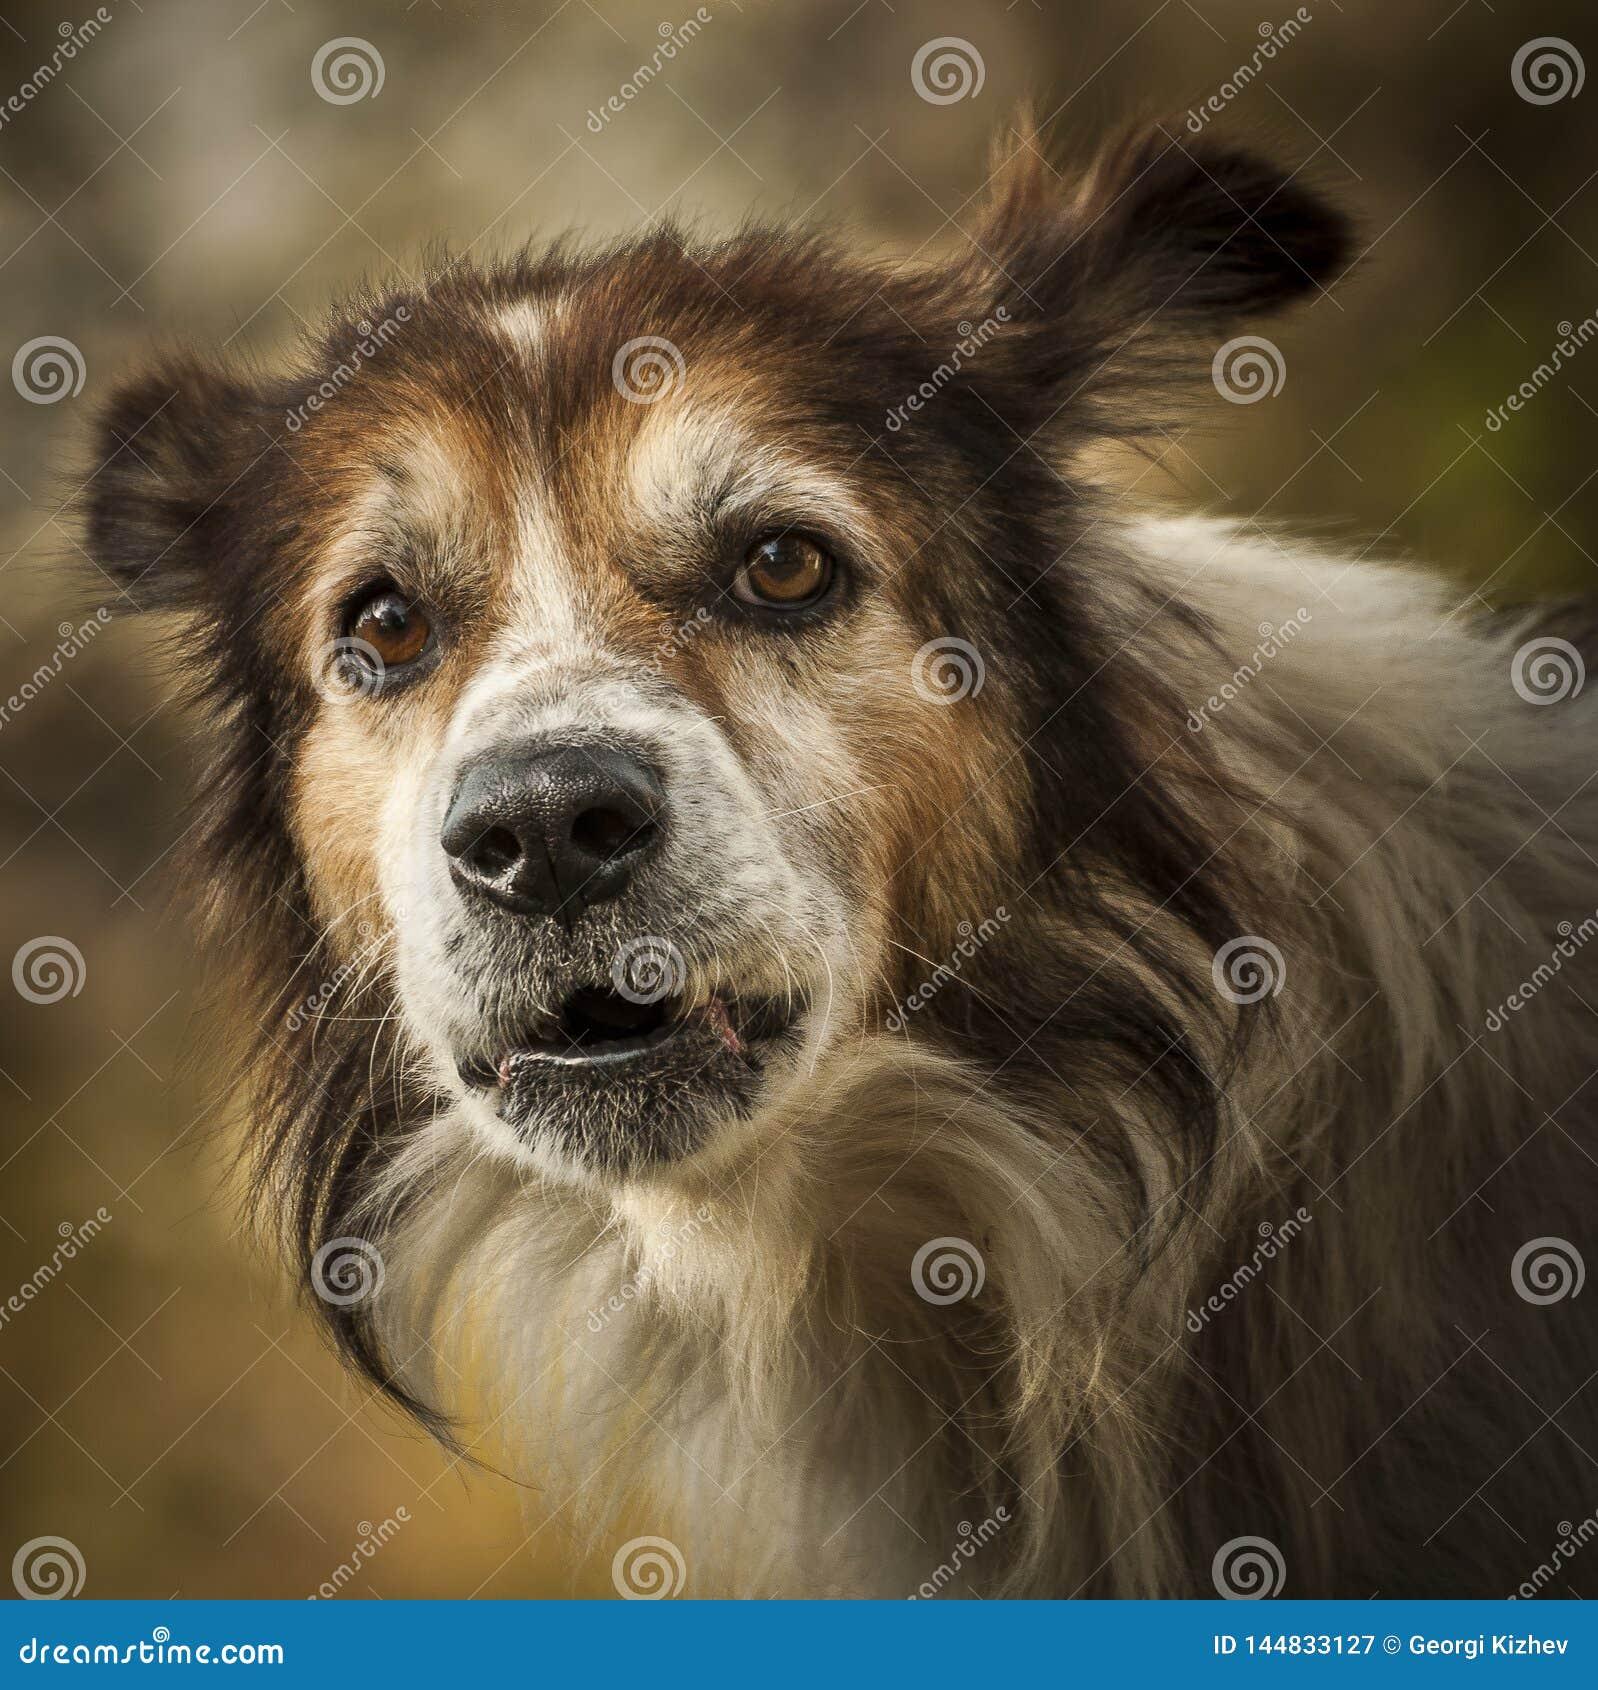 Best friend-dog